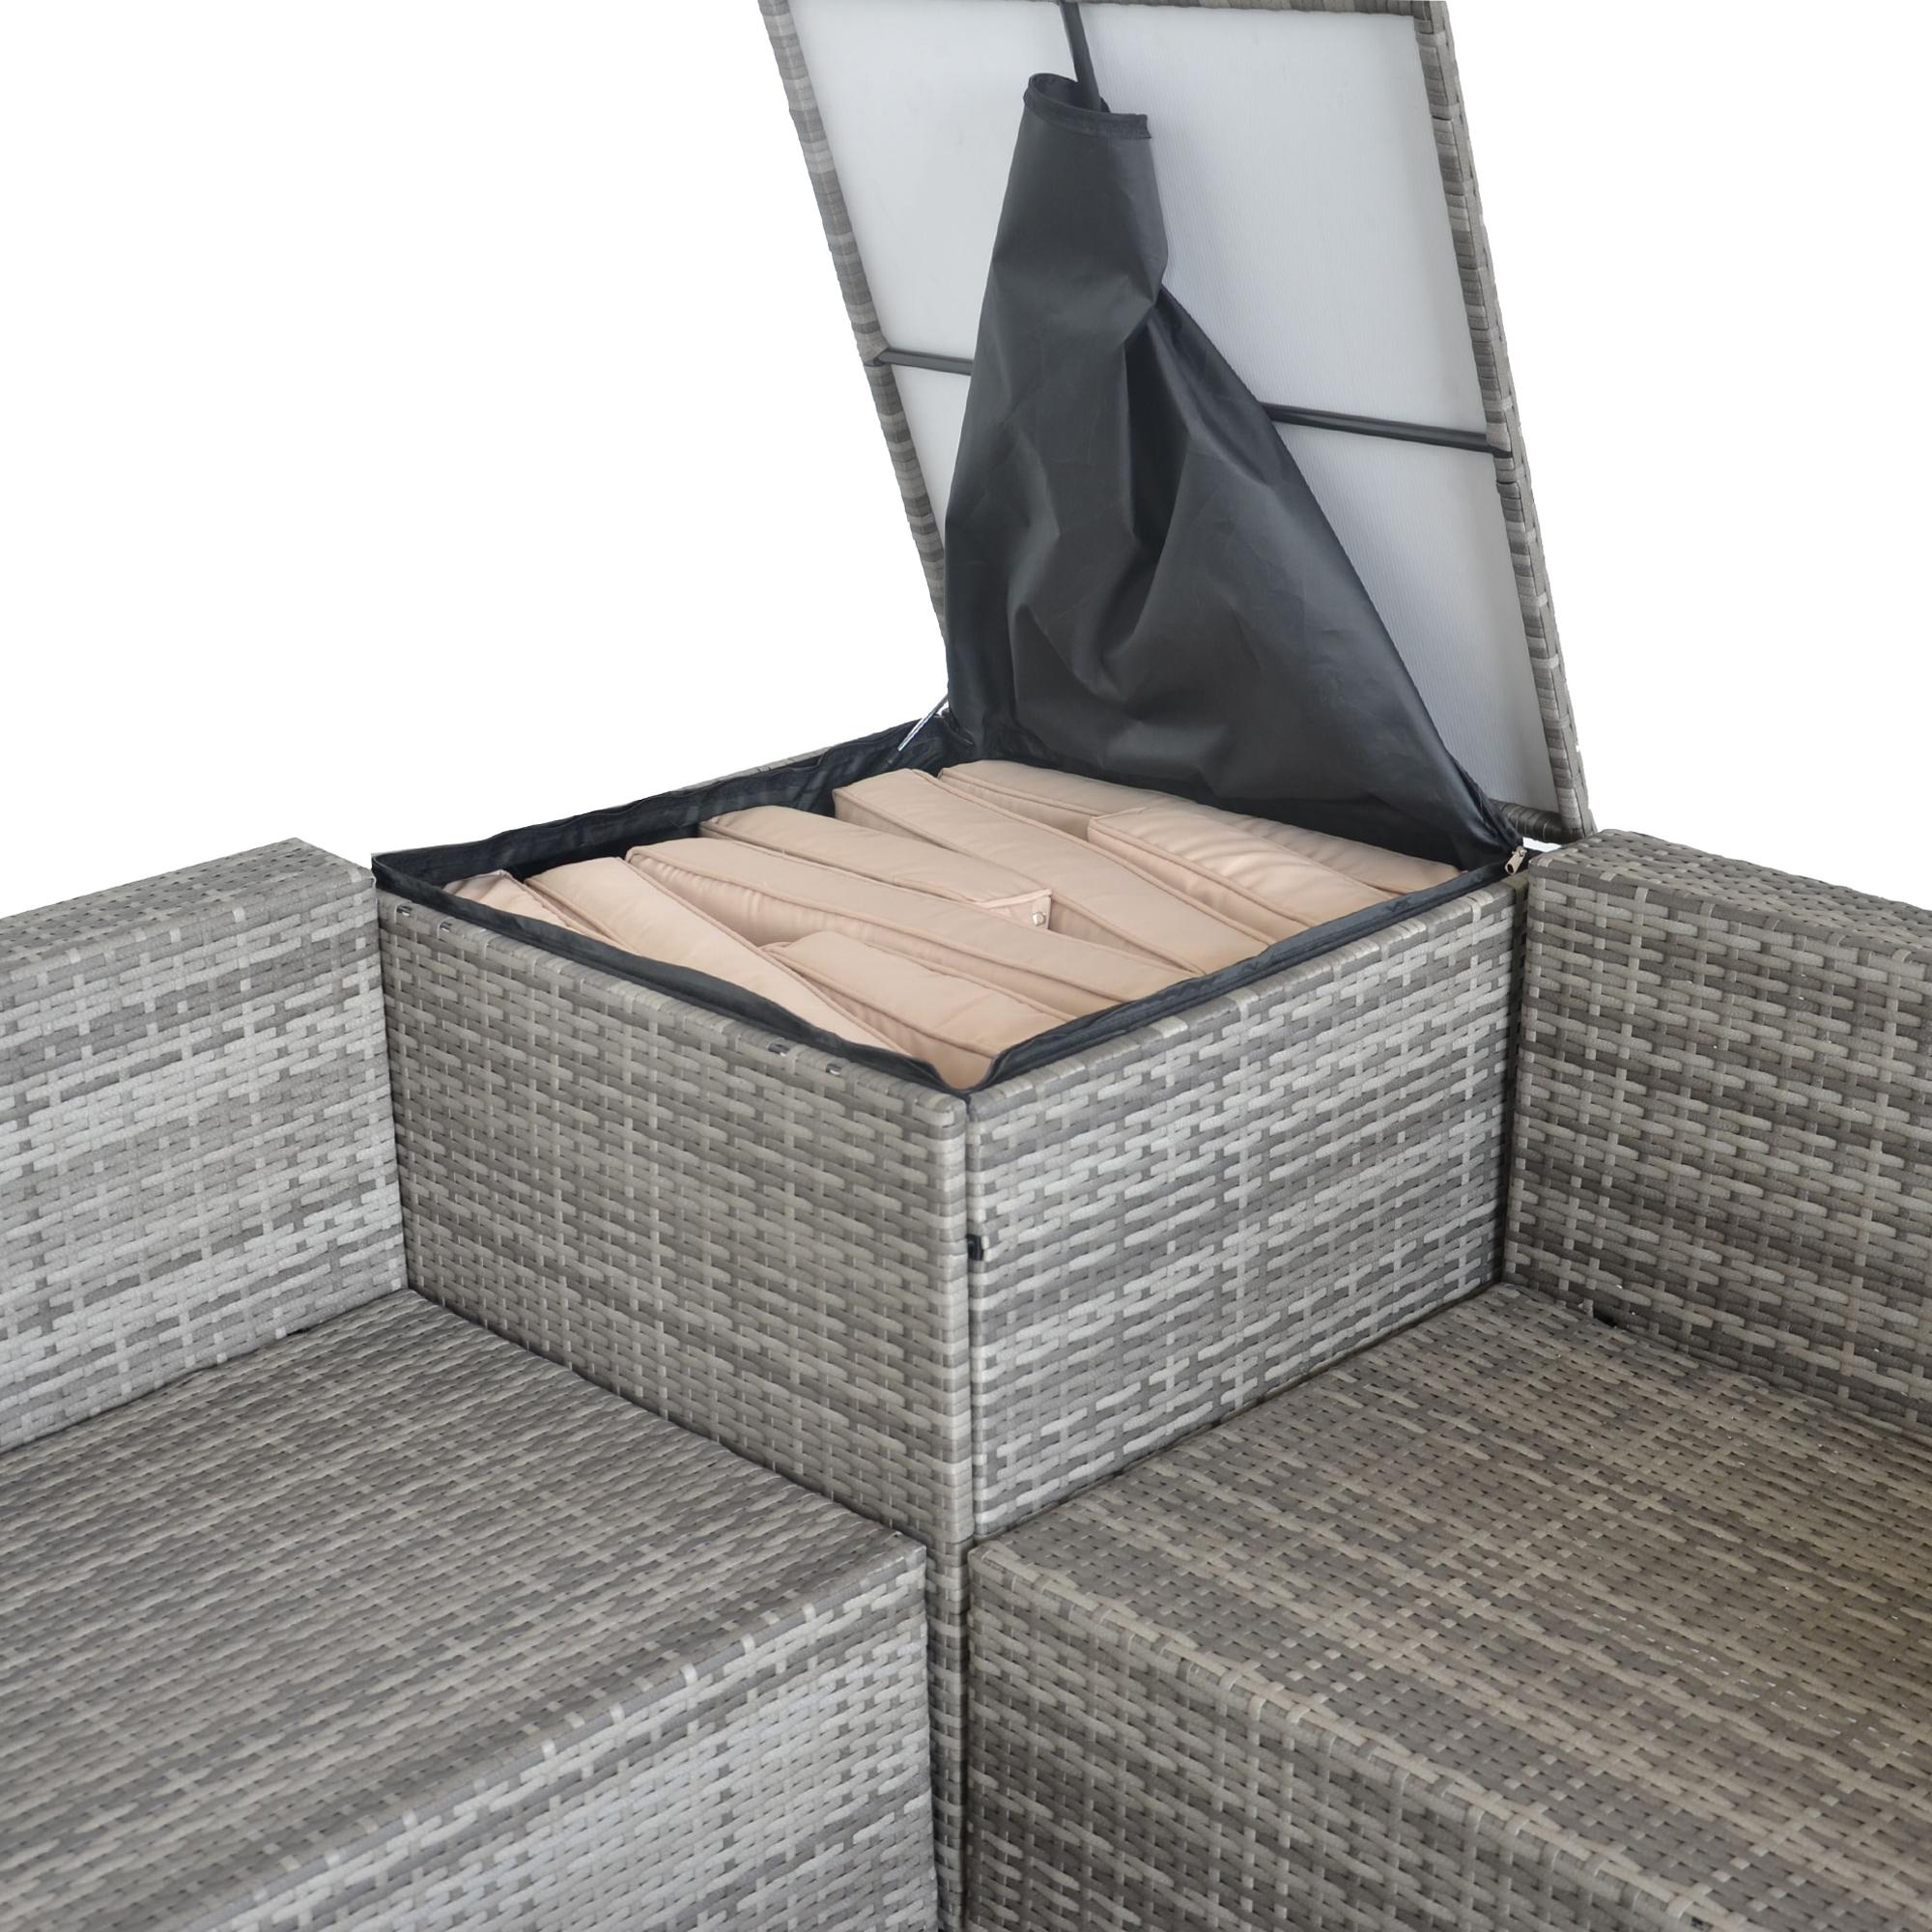 Favorit Paket] Jalano Poly Rattan Lounge Set Gartenmöbel Gartengarnitur 4 JM69